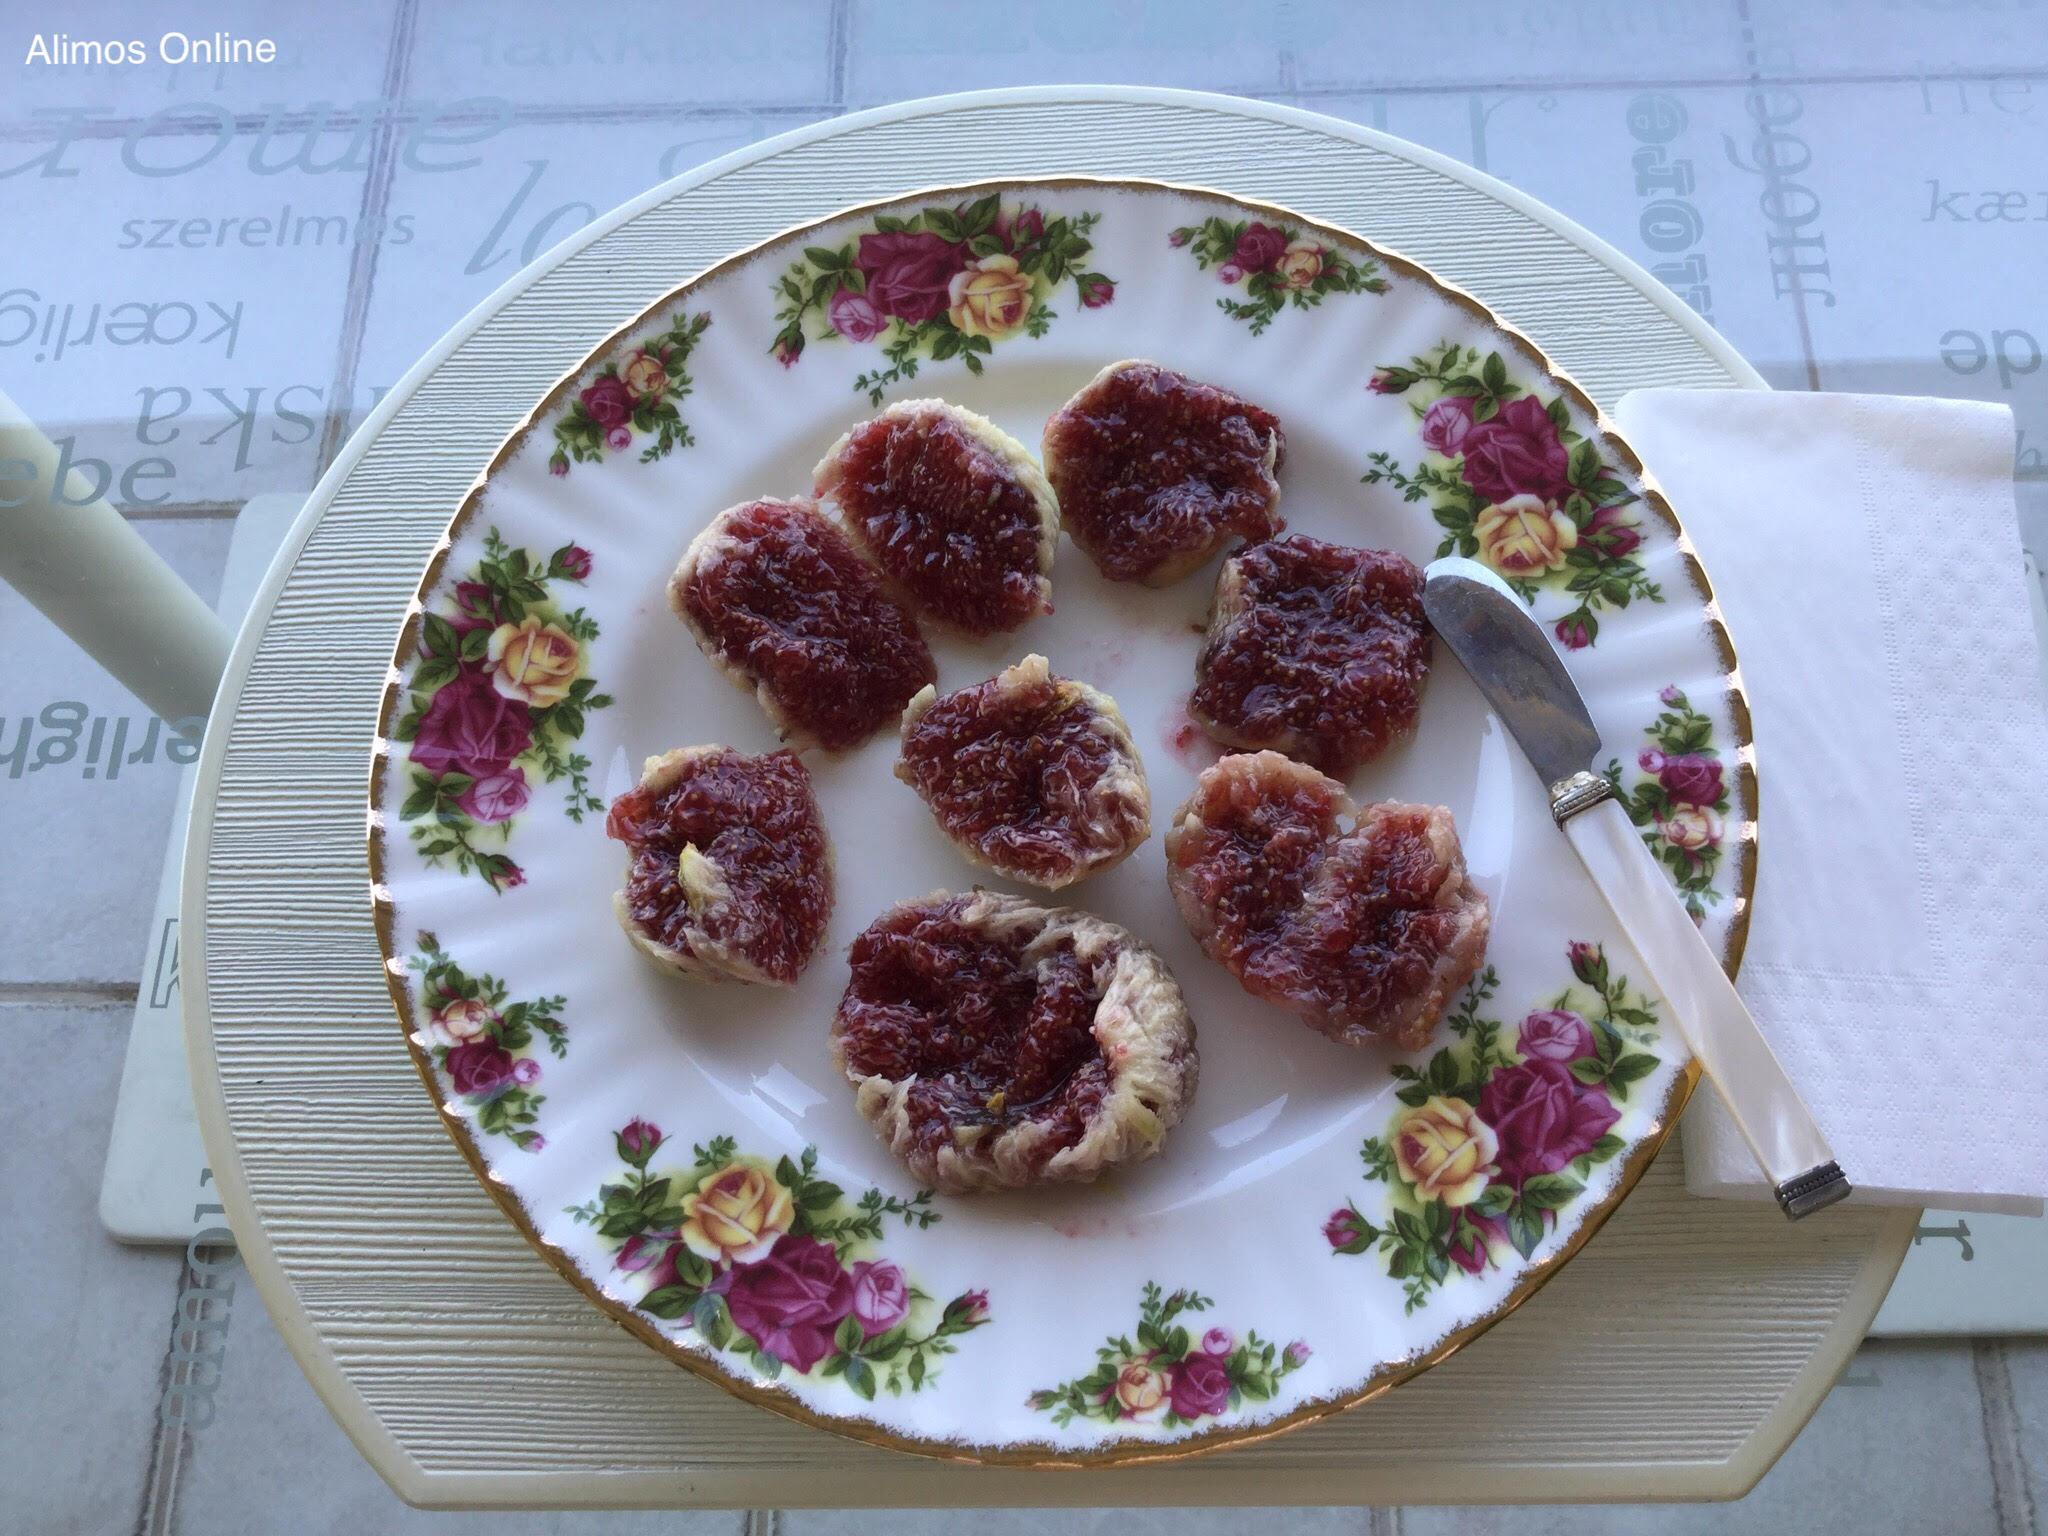 Σύκο: Το απόλυτο καλοκαιρινό φρούτο